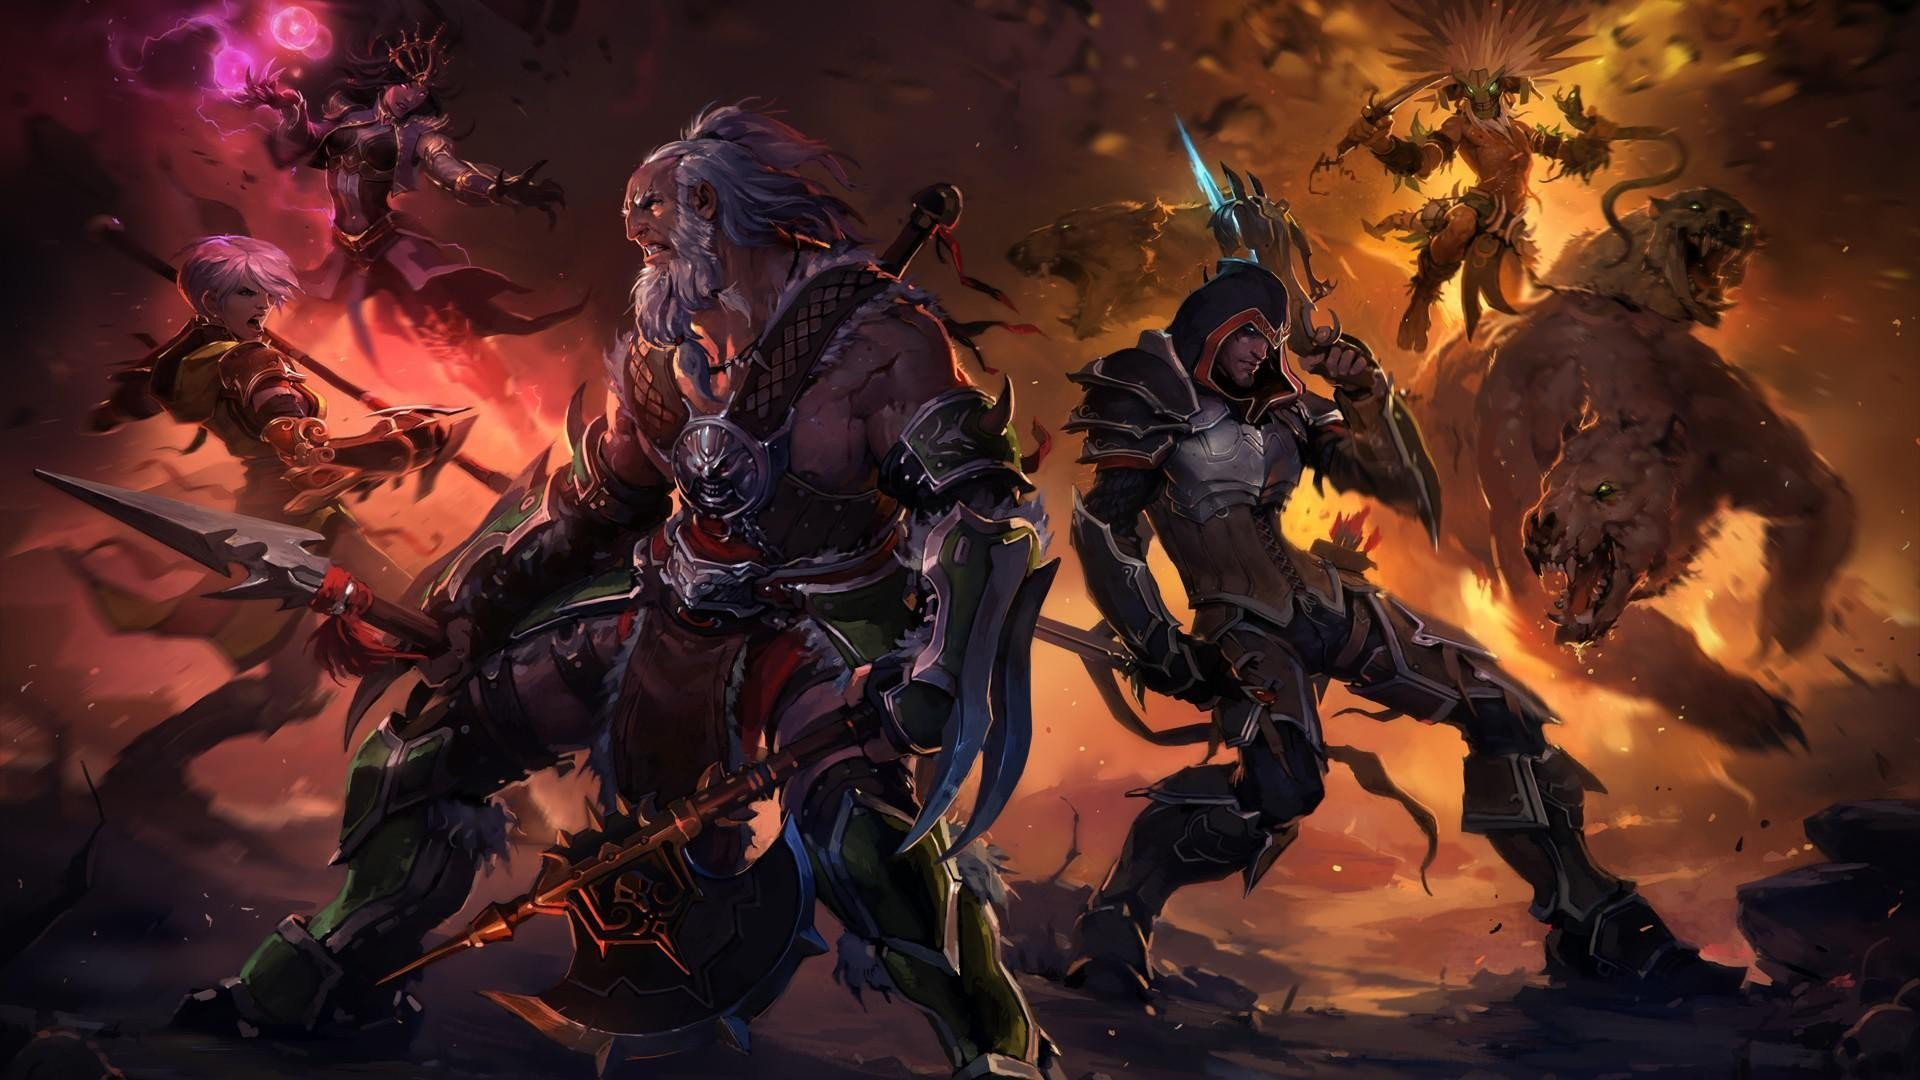 Warrior Video Games Diablo Diablo Iii Hd Wallpapers Desktop